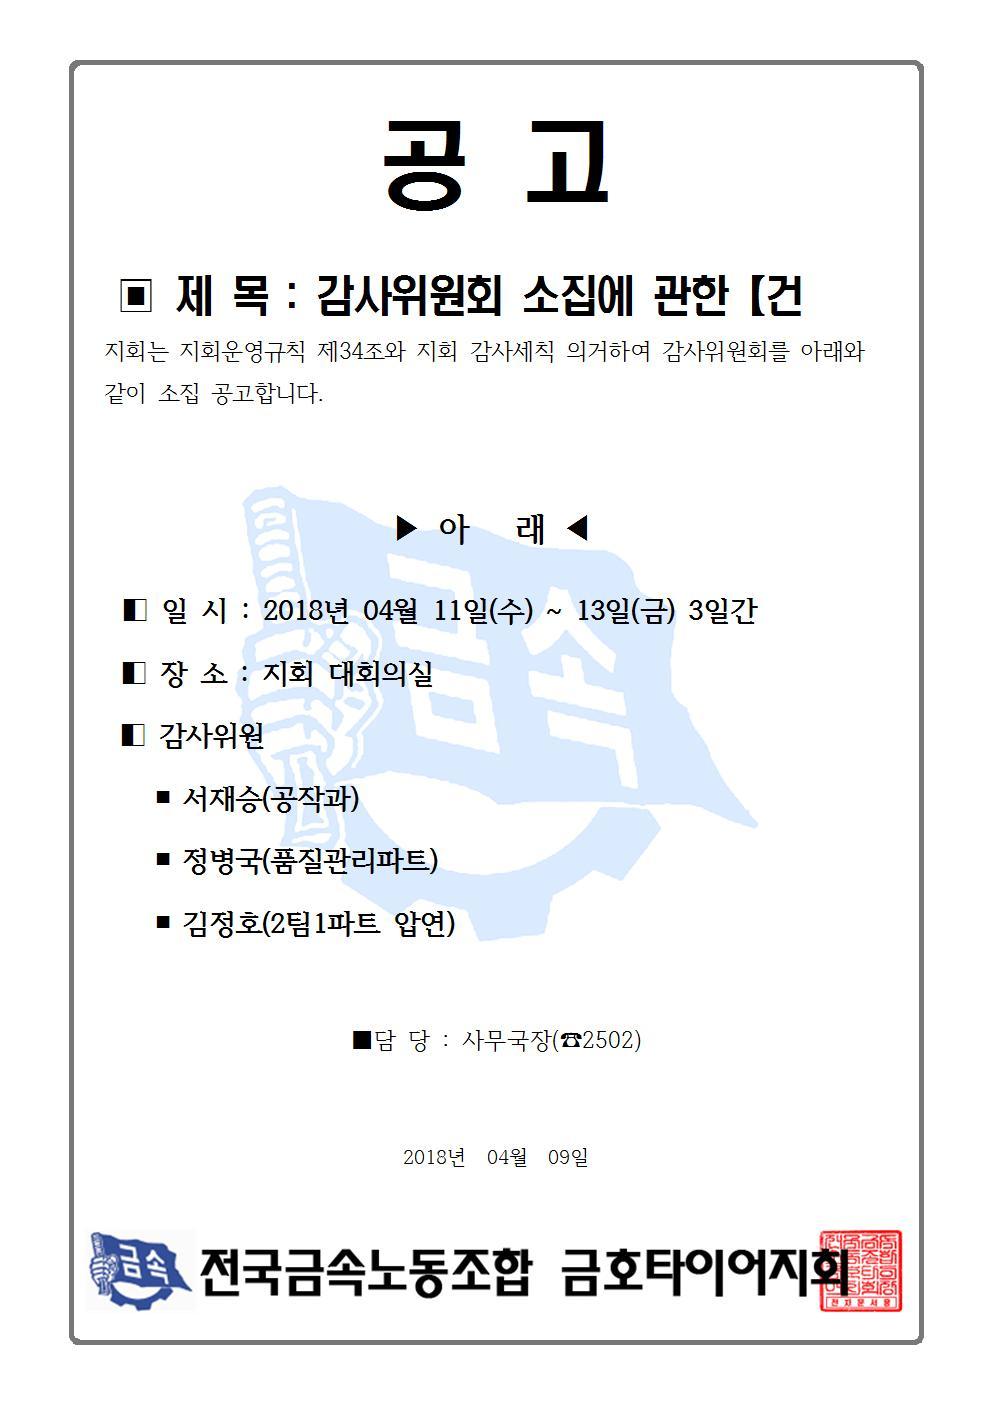 감사위원회 소집공고001.jpg